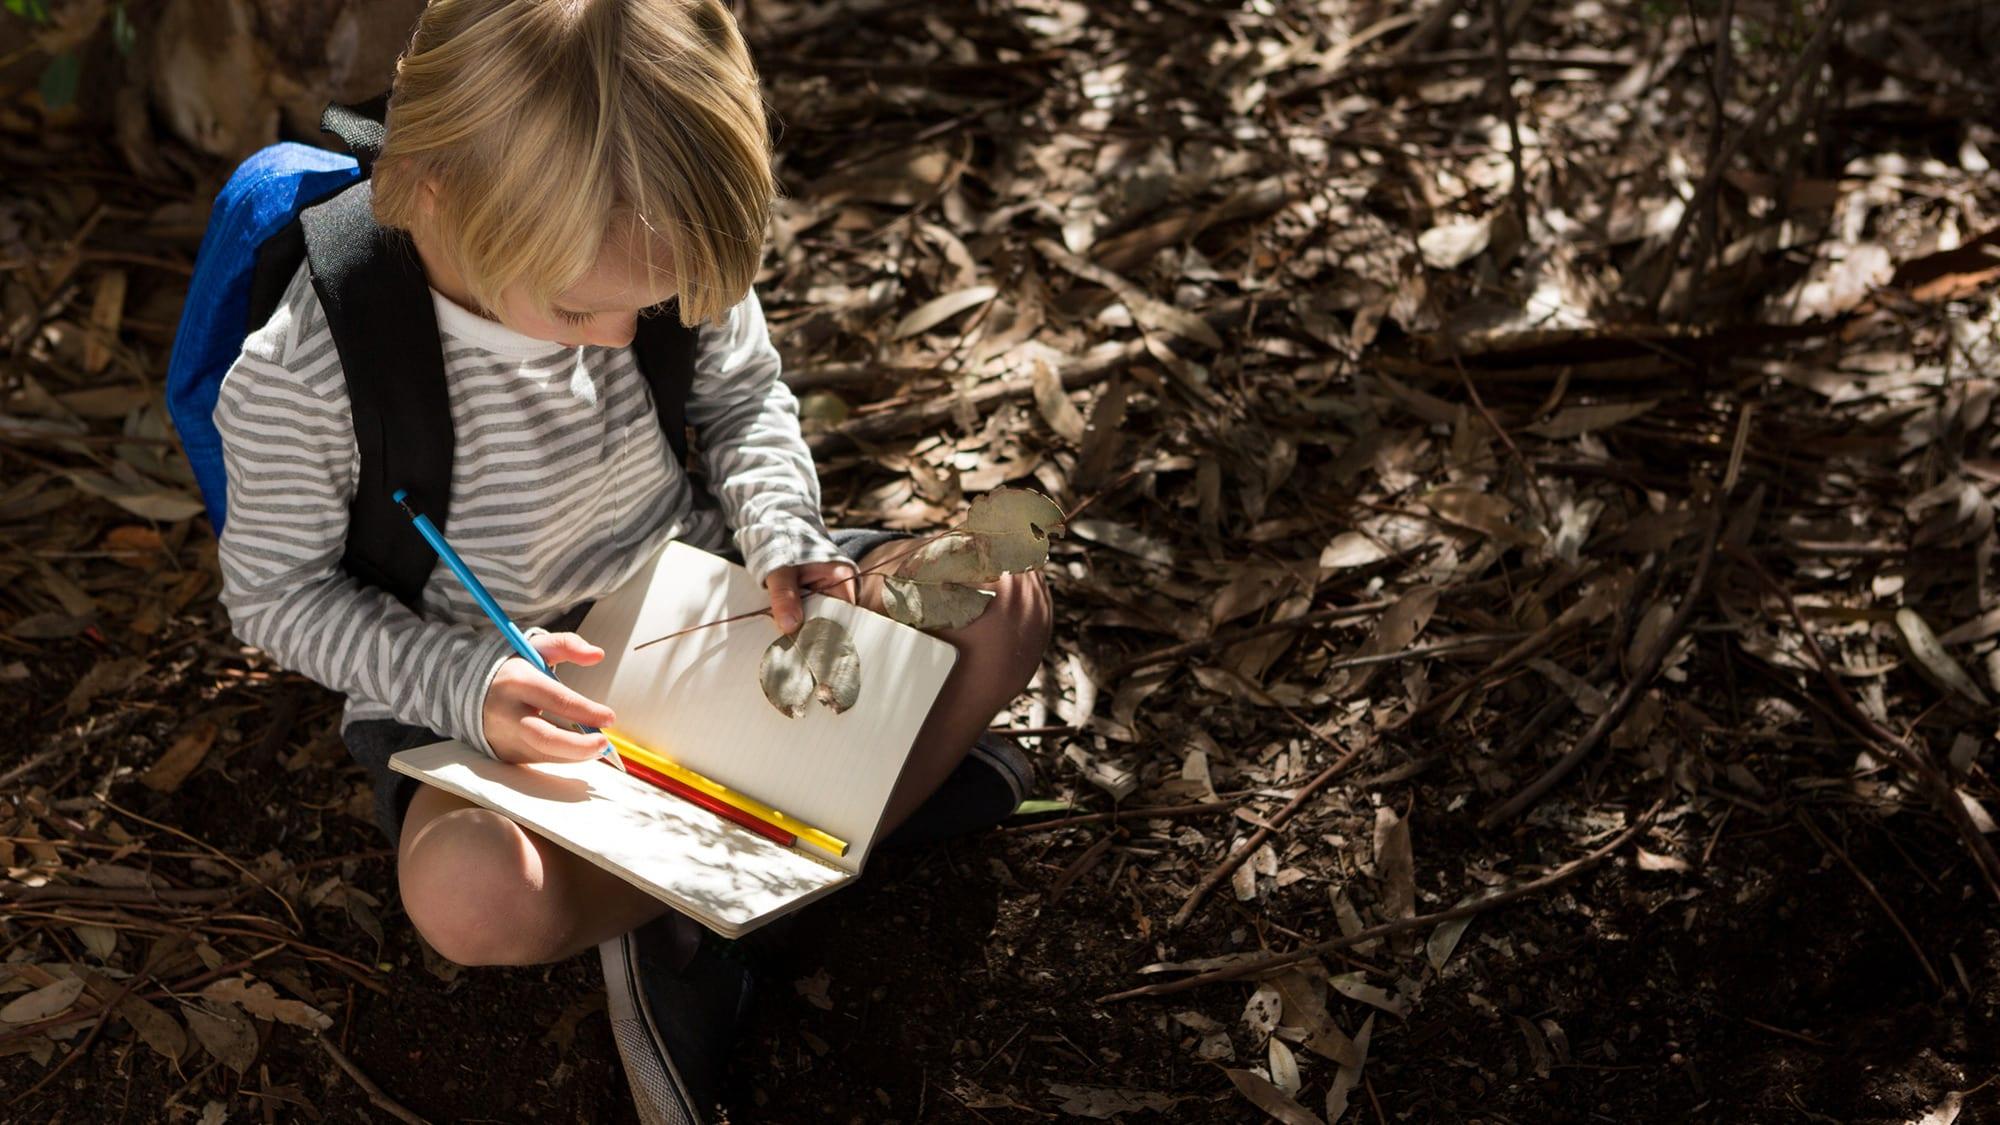 kid journaling